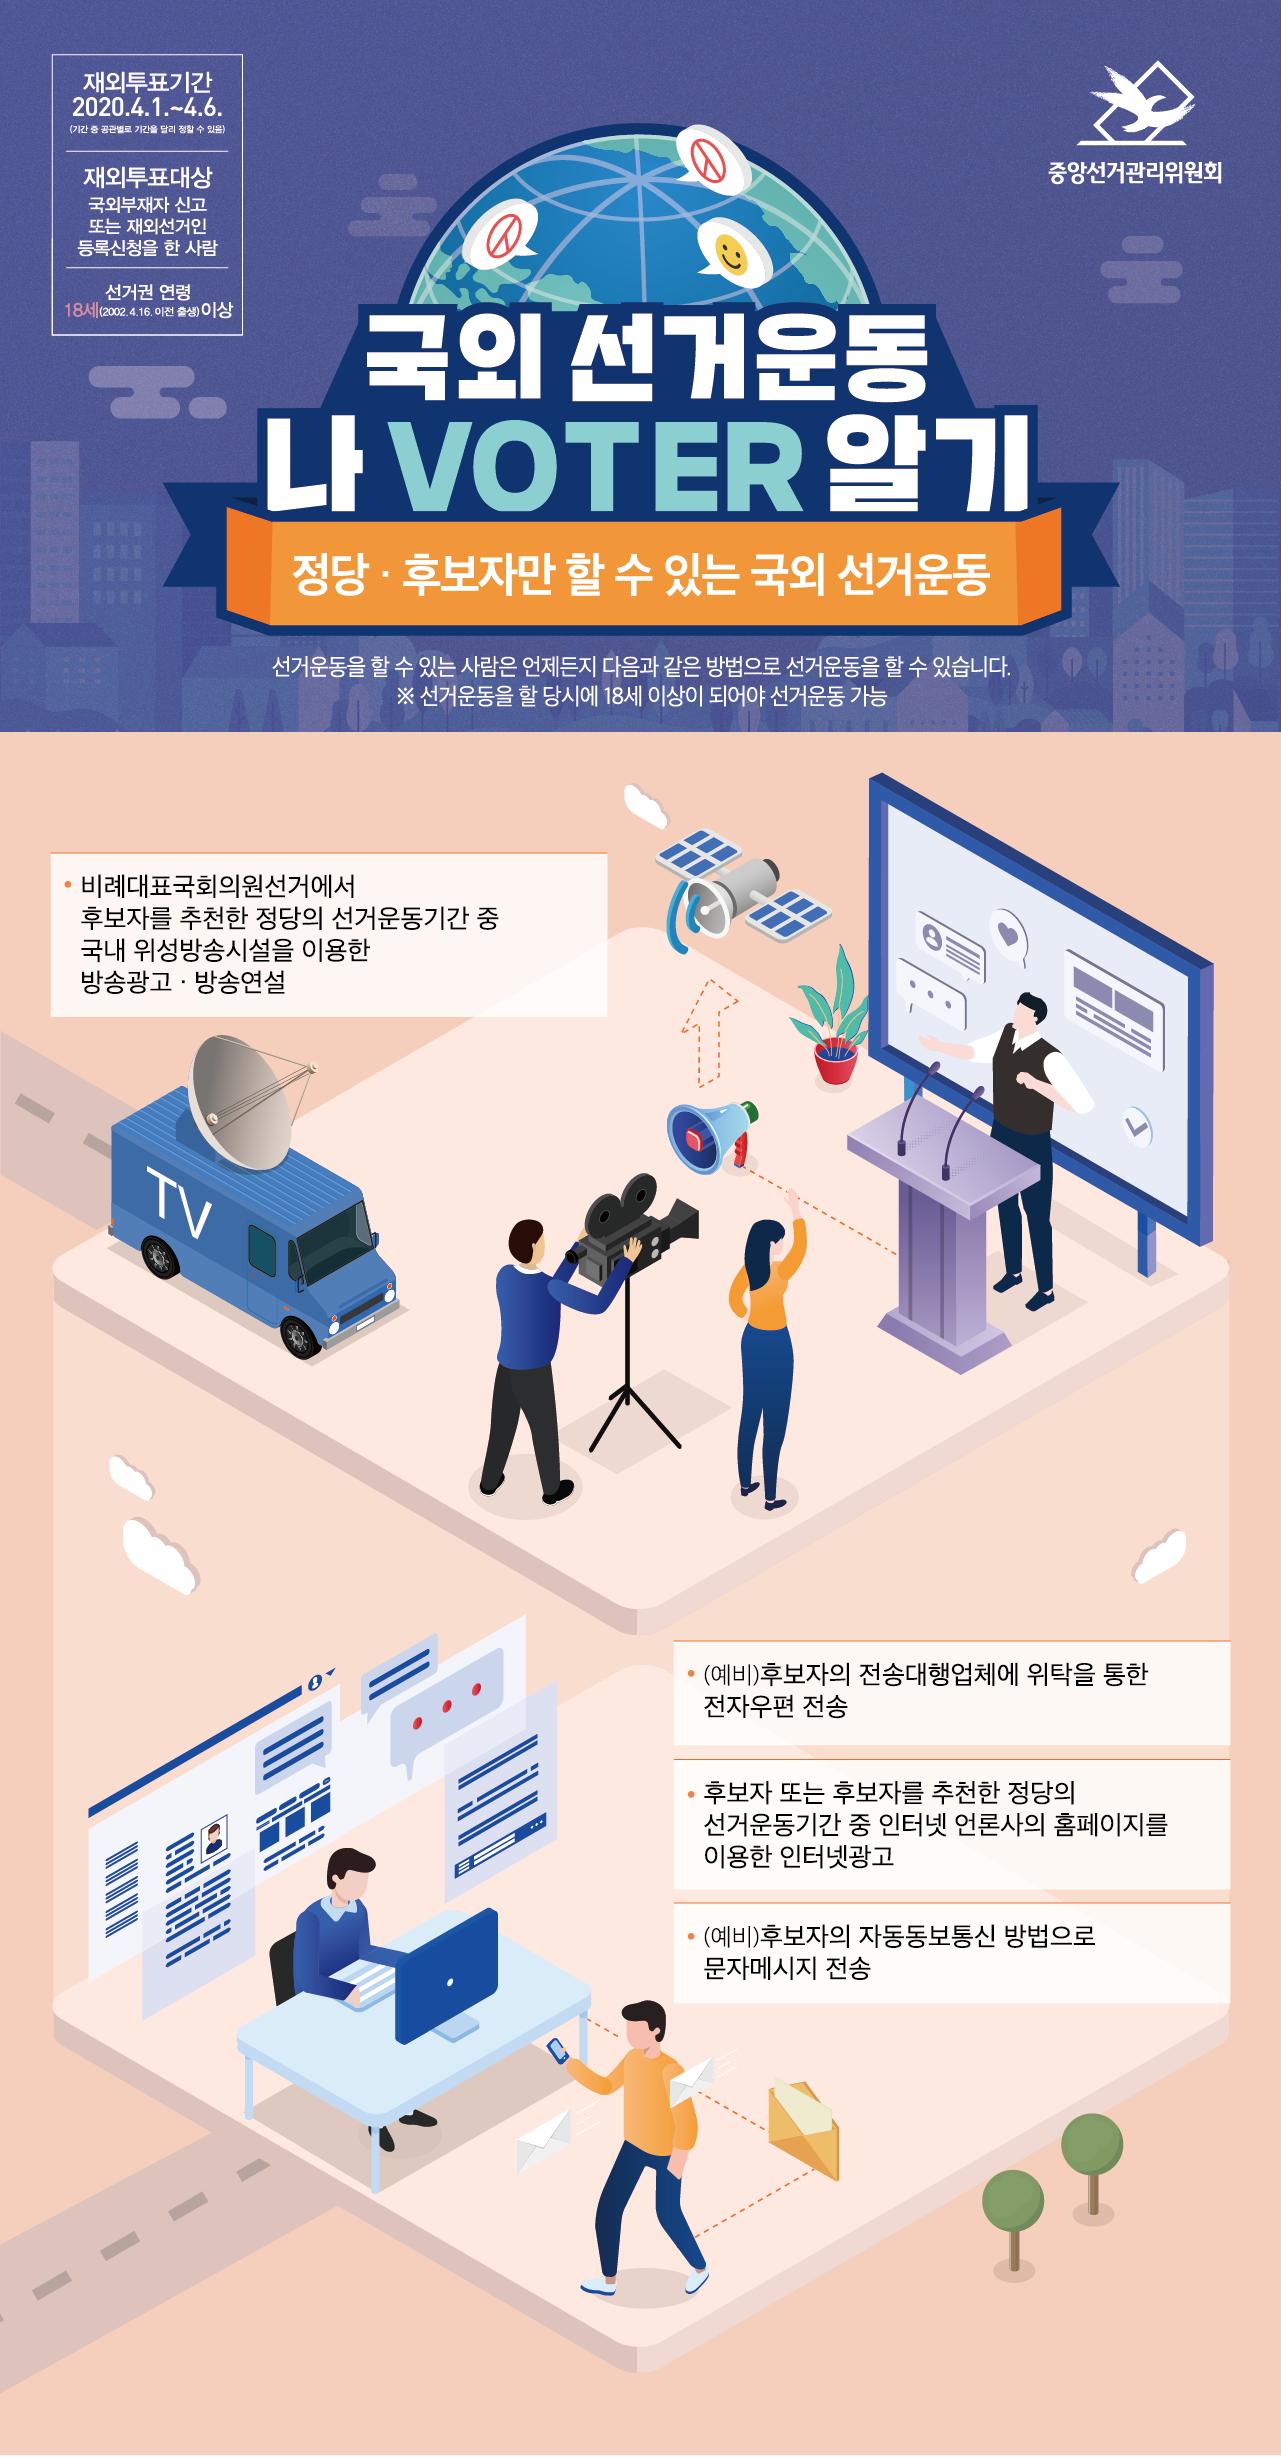 국외 선거운동 인포그래픽3.png